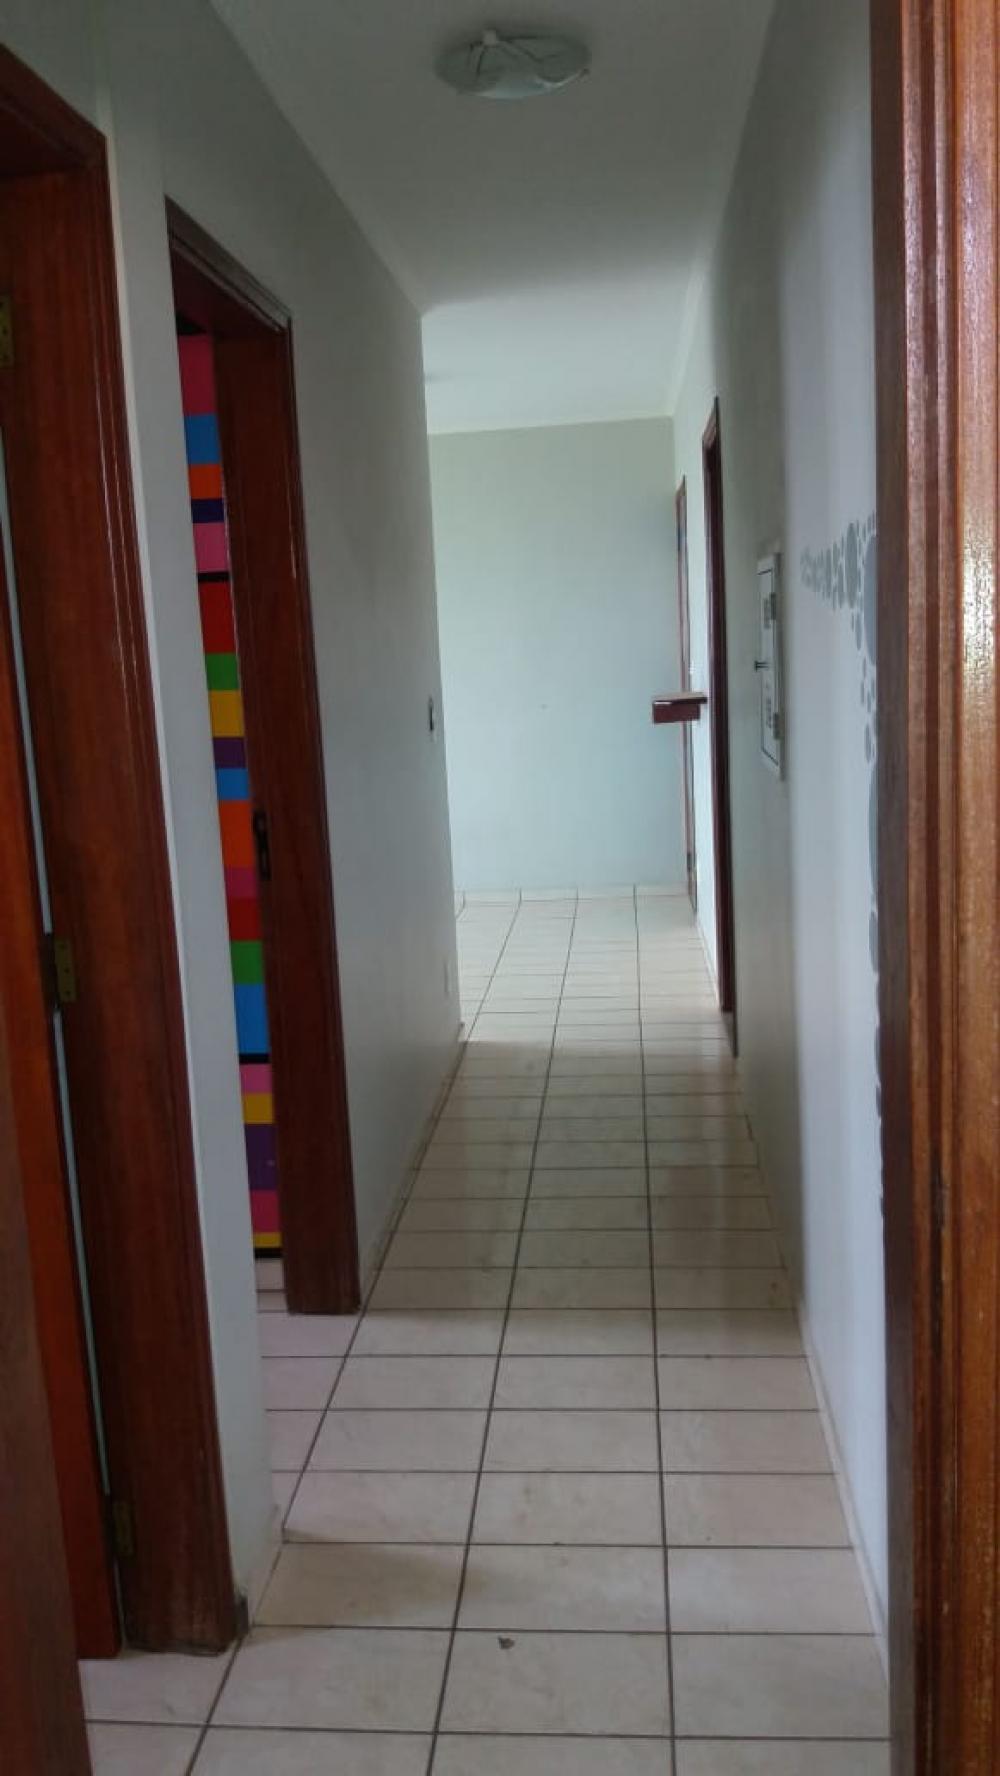 Comprar Apartamento / Padrão em São José do Rio Preto R$ 130.000,00 - Foto 8